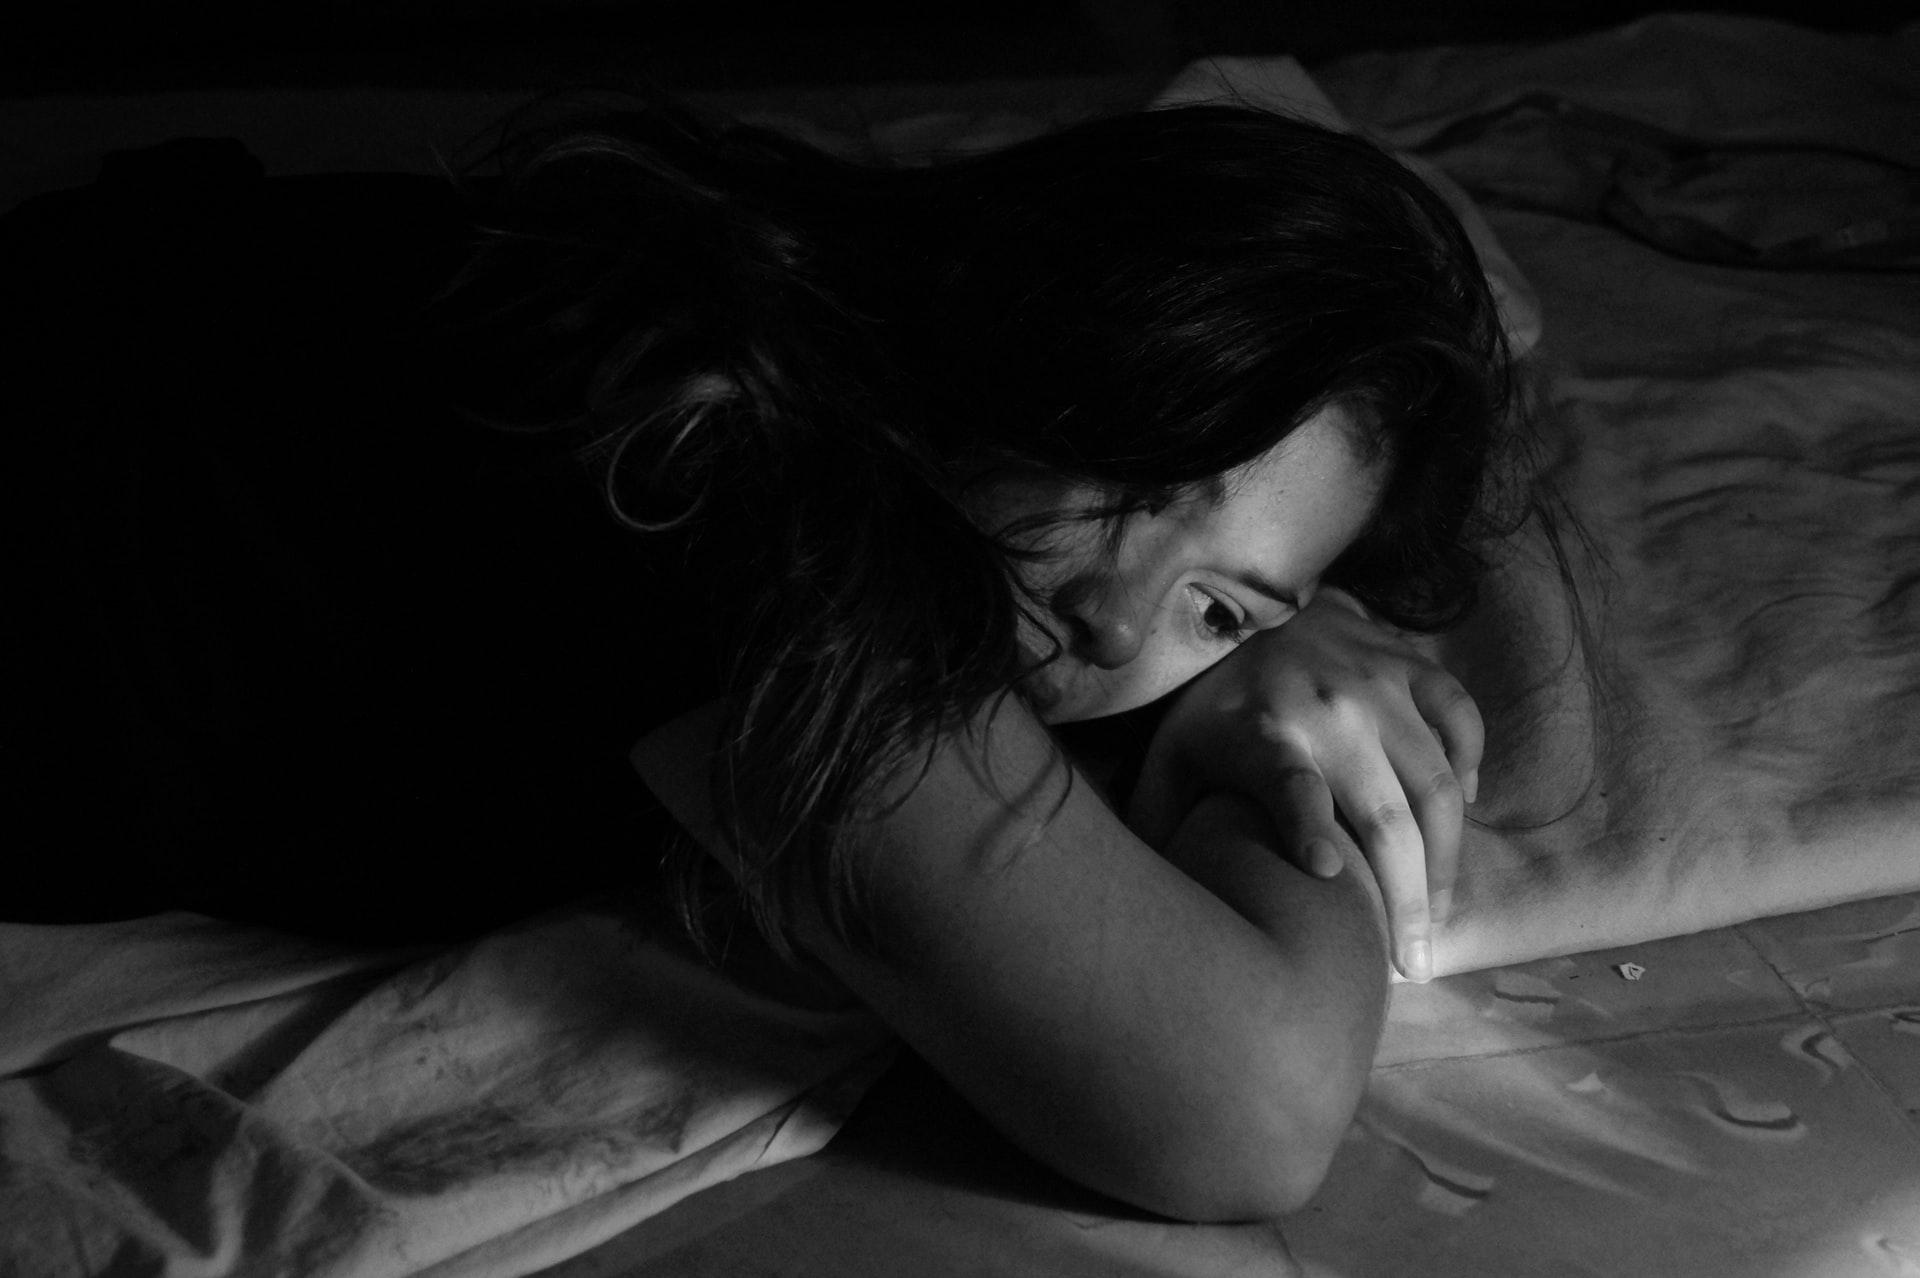 Неважно, насколько тонко, по мнению женщины, она действует — мужчина все равно понимает, что из него пытаются слепить что-то удобное для другого человека